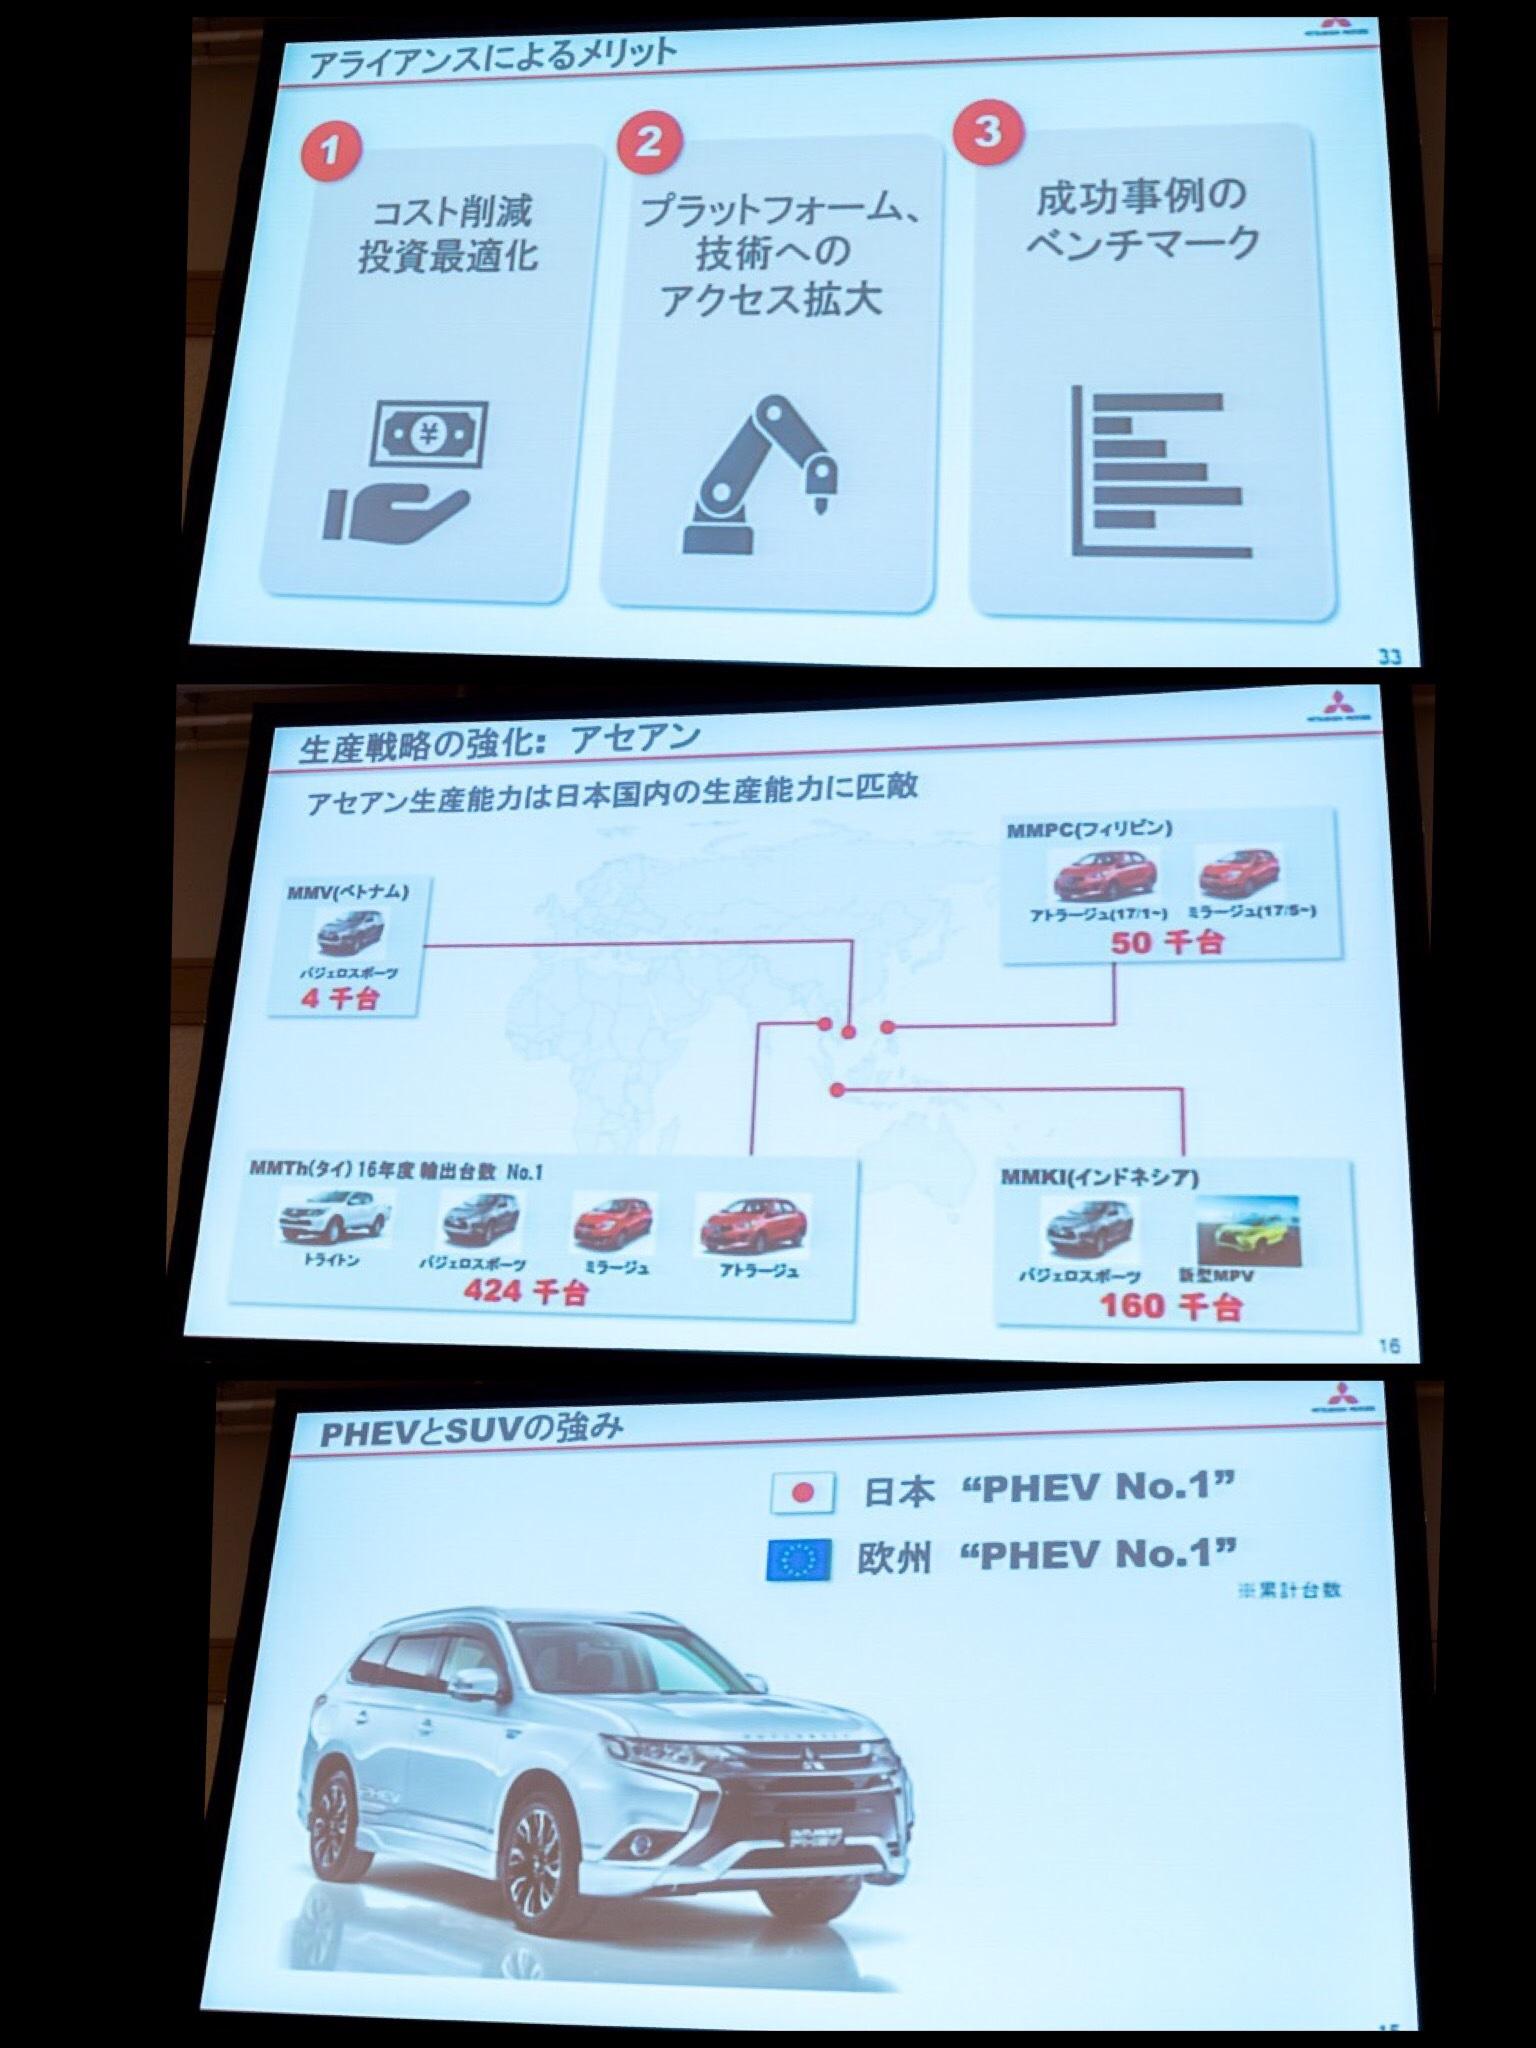 三菱自動車株主総会 2017 ゴーン シナジー